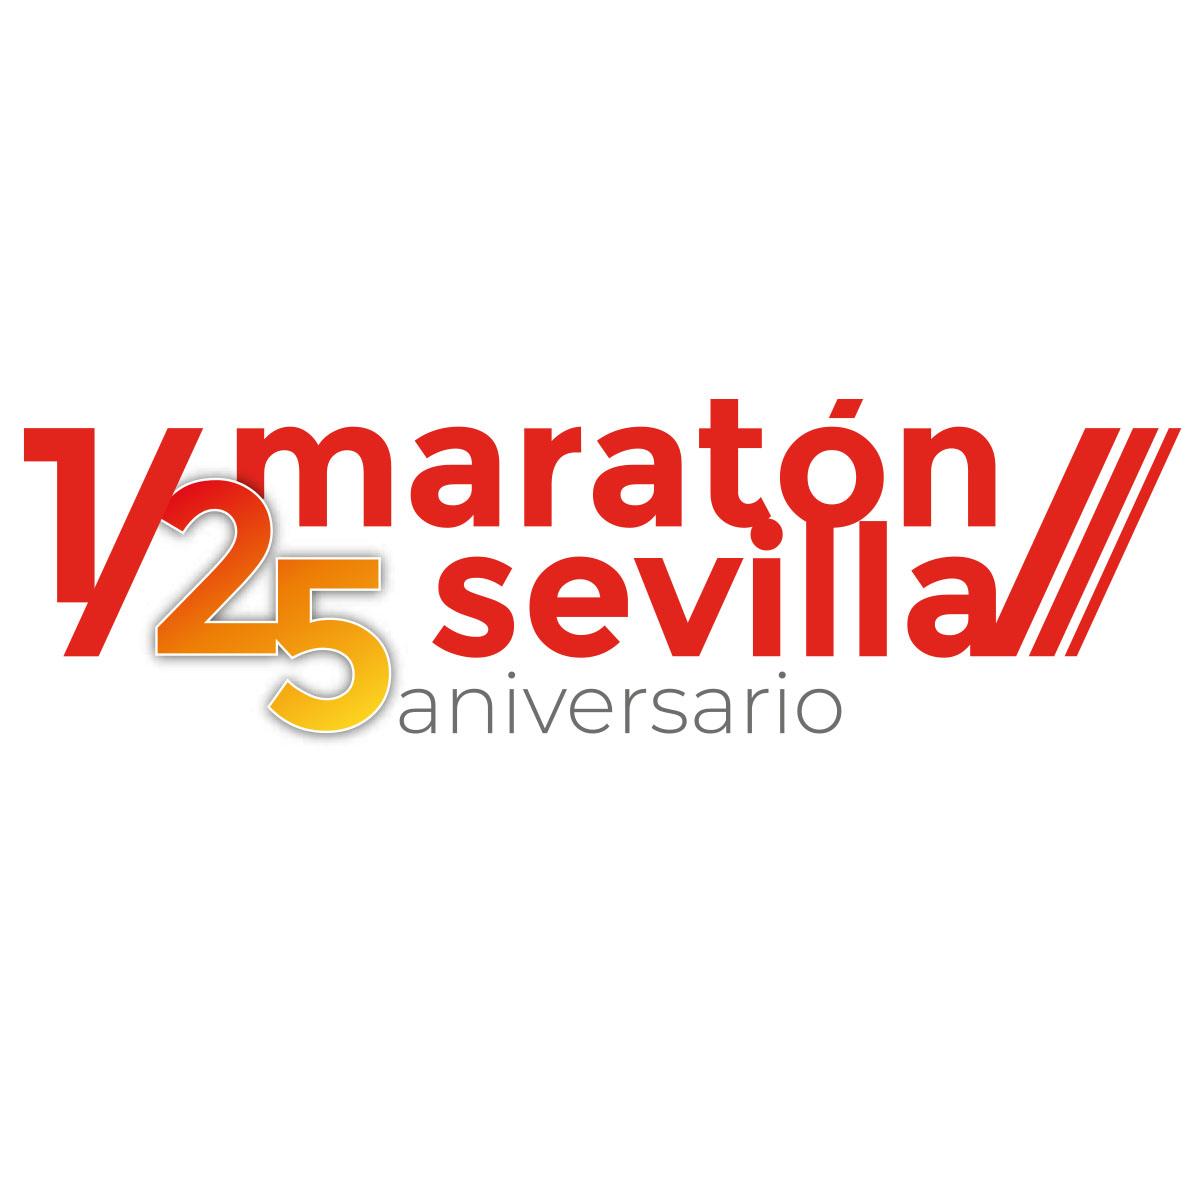 medio-maraton-25-sevilla-aniversario_0002